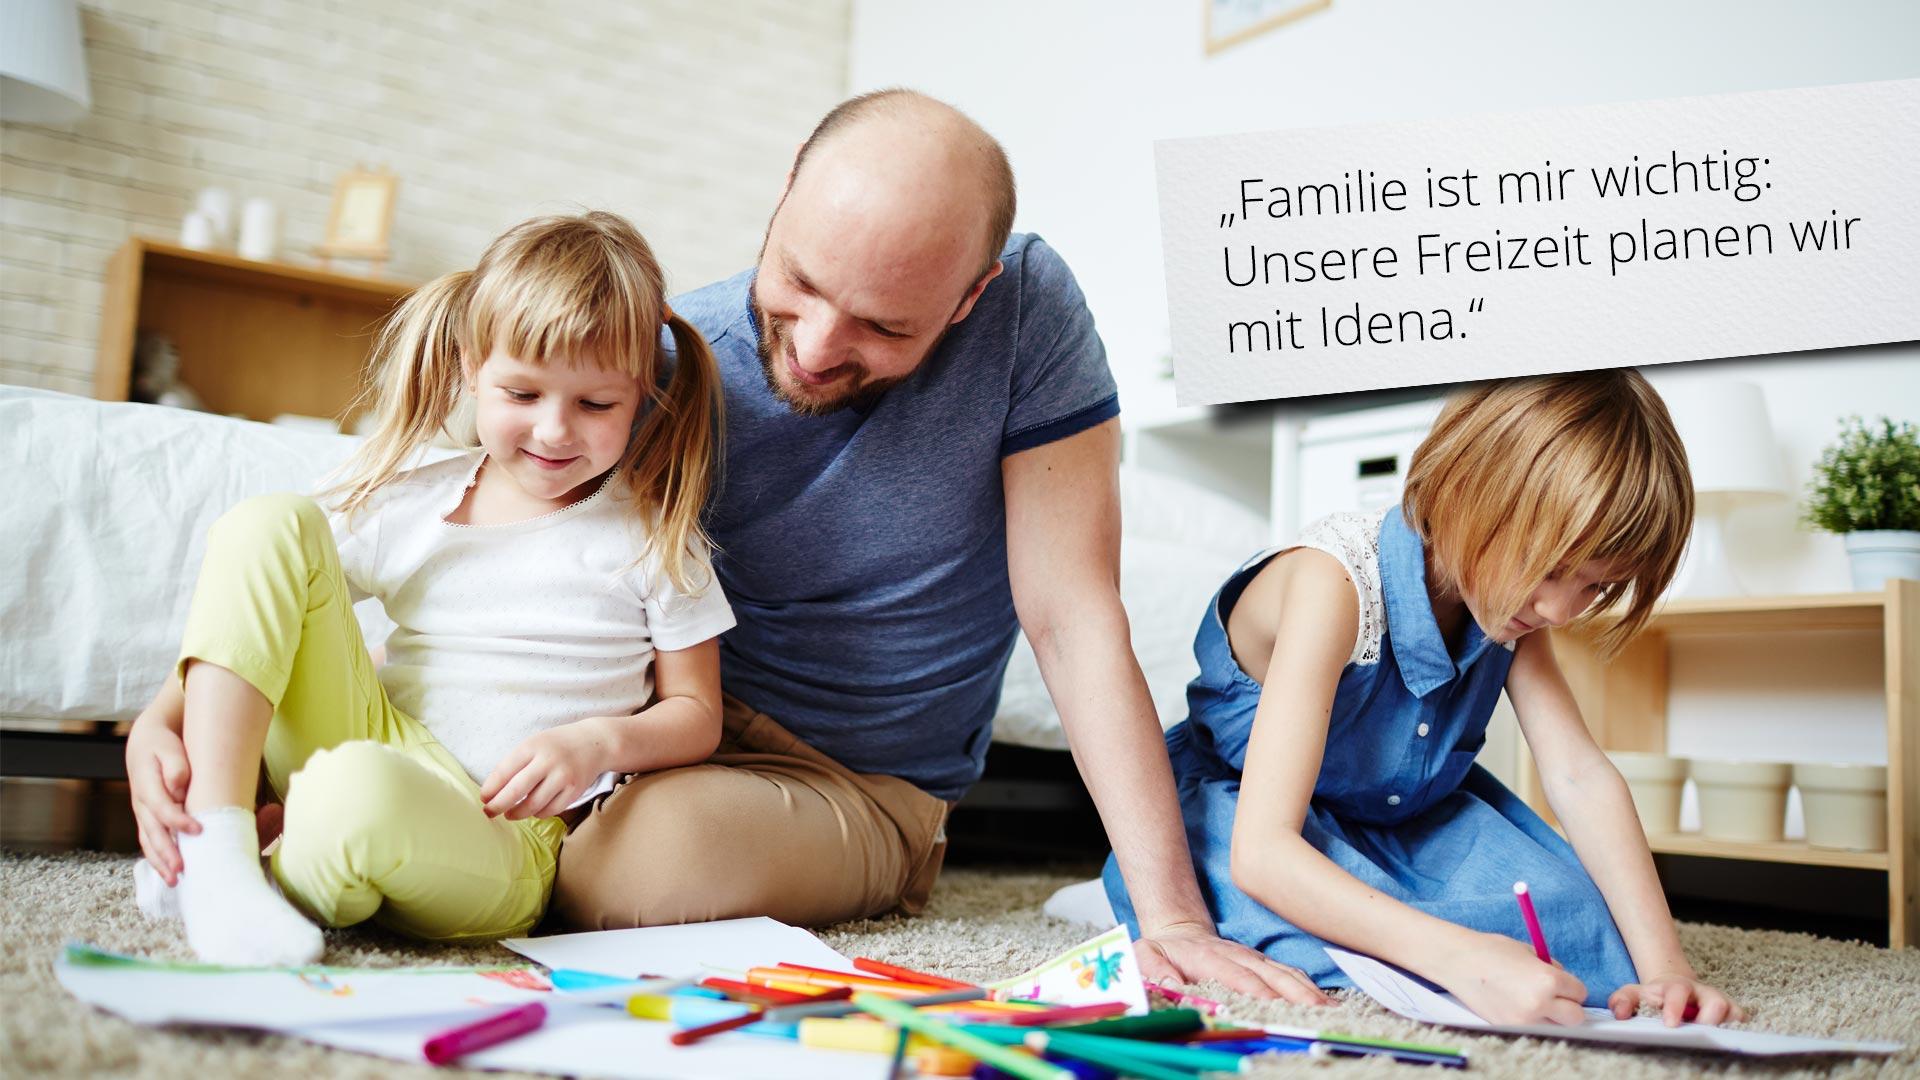 idena_slide_familie-ist-mir-wichtig.jpg